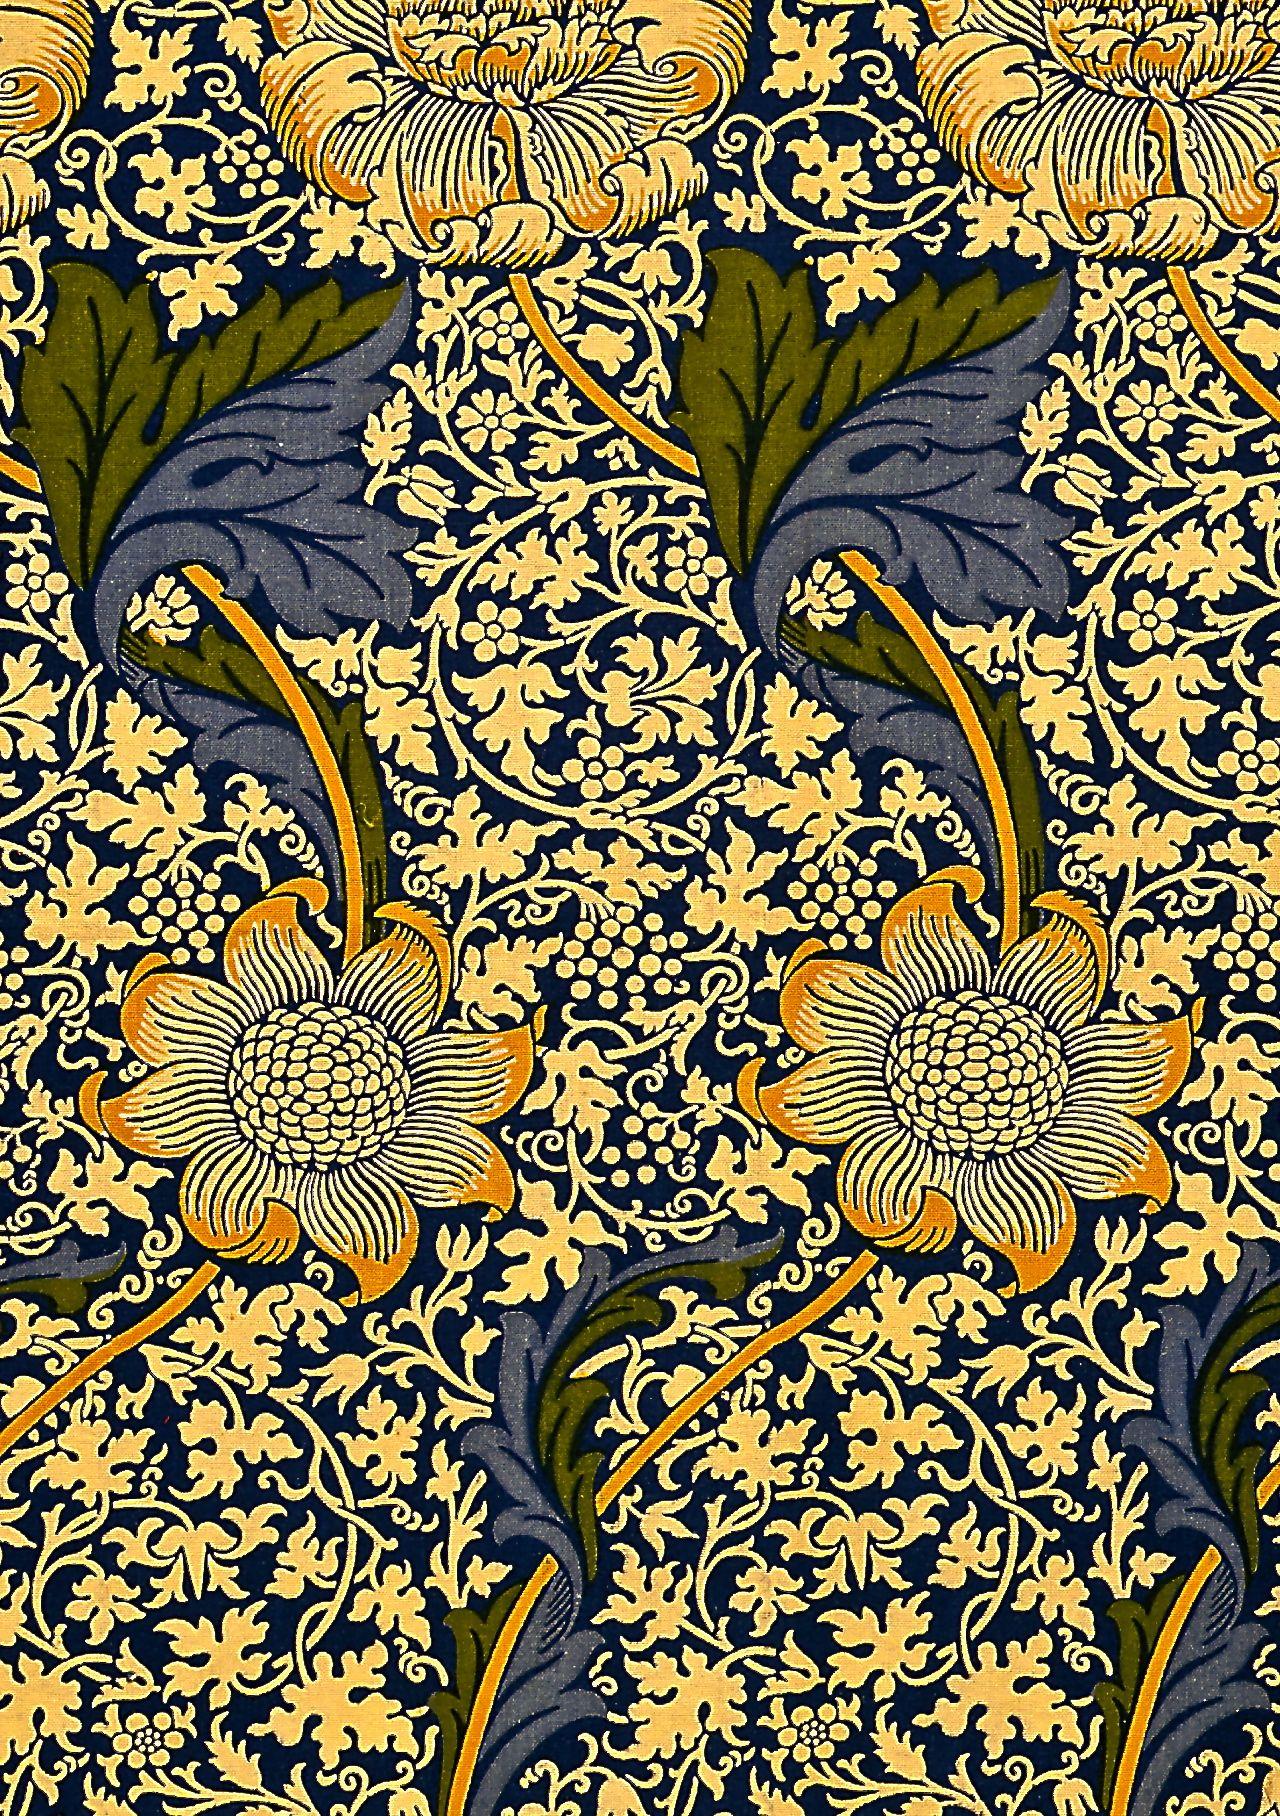 William Morris Wallpaper - EnWallpaper